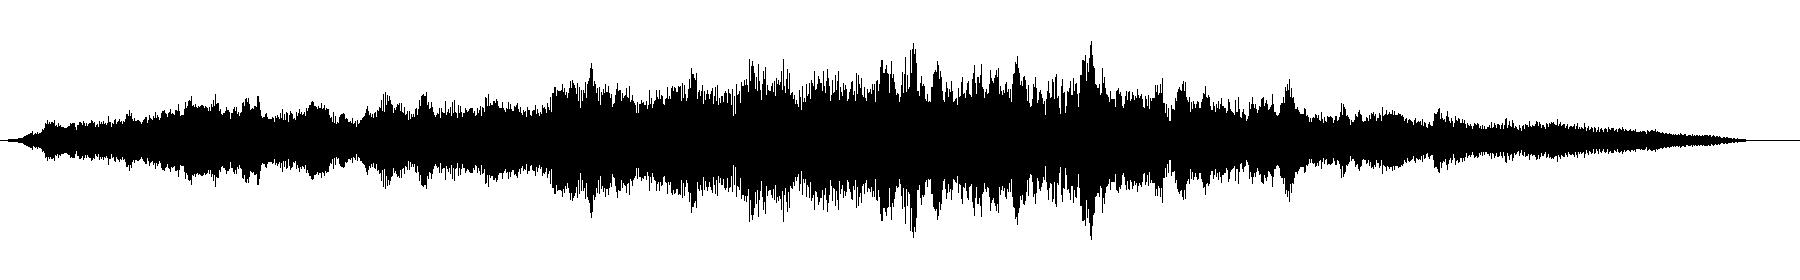 dark atmospheres 003 c